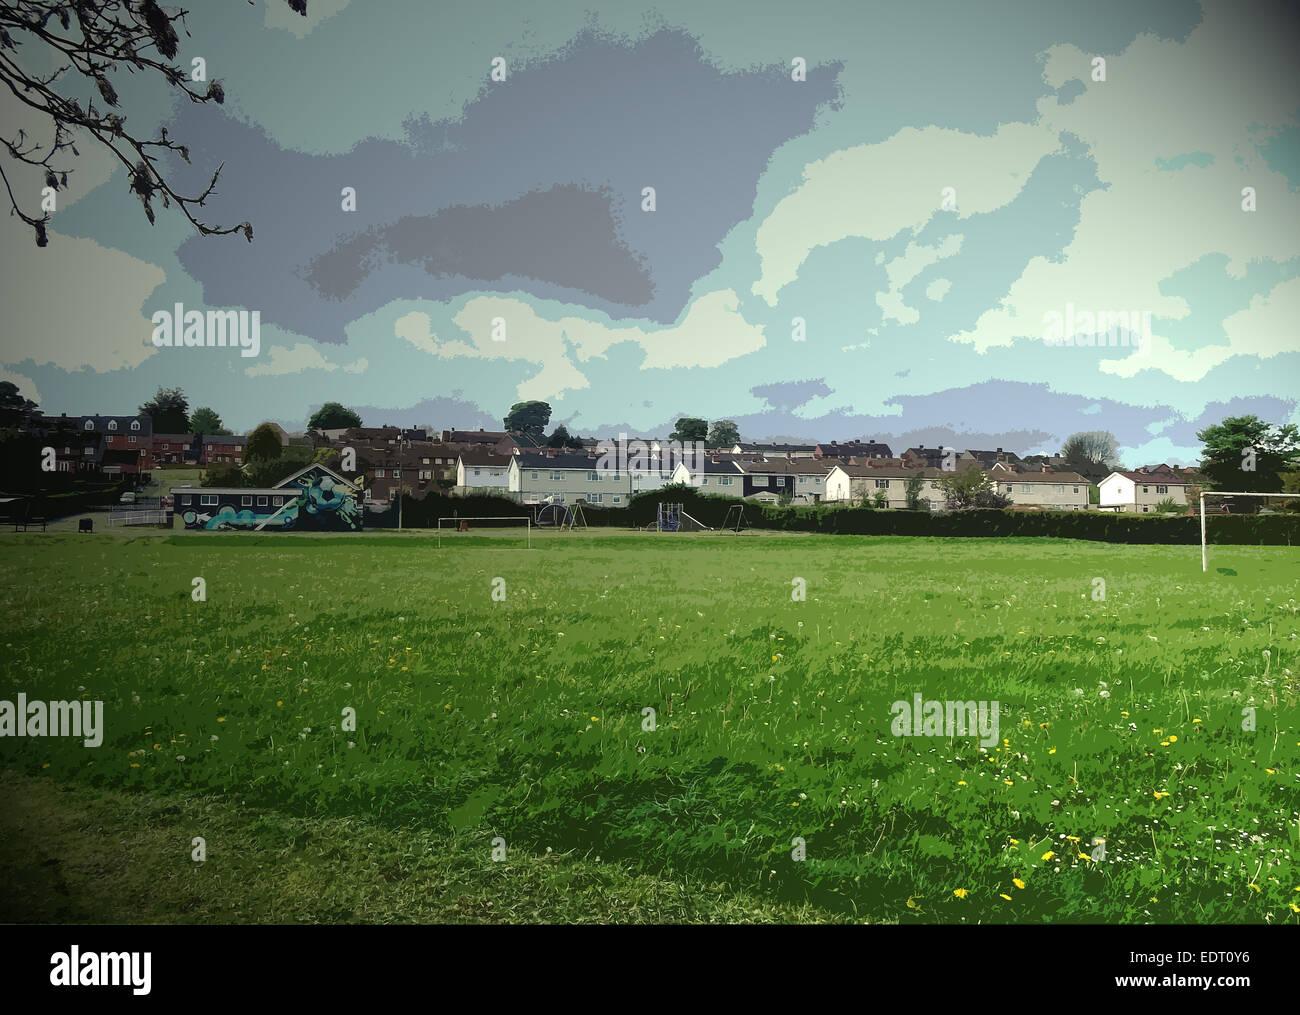 Campi di gioco dal Mickley station wagon, campo da calcio e decorate luminosamente clubhouse building Foto Stock